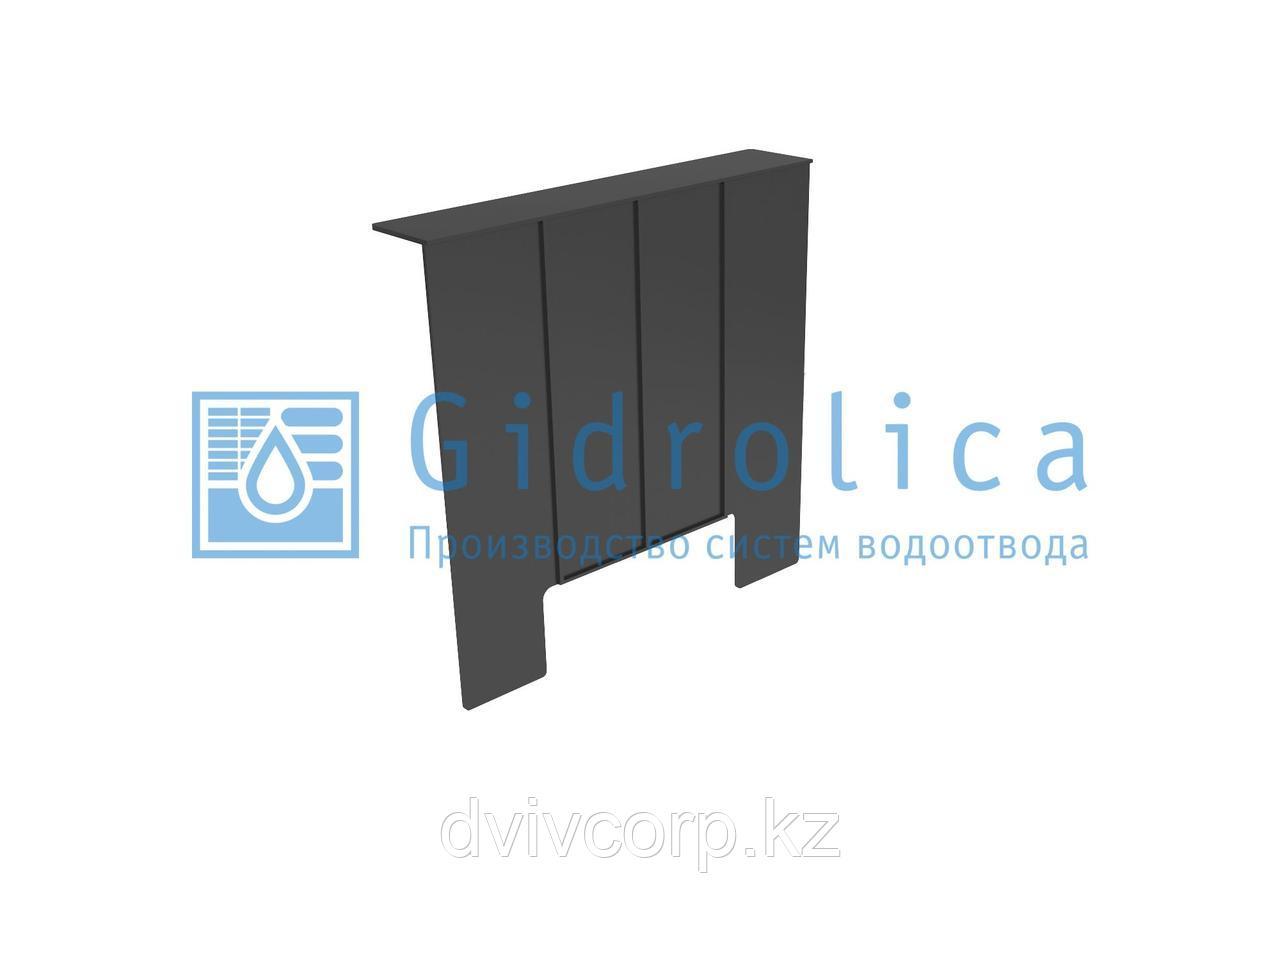 Перегородка-сифон для дождеприемника Gidrolica Point 30.30 - пластиковая